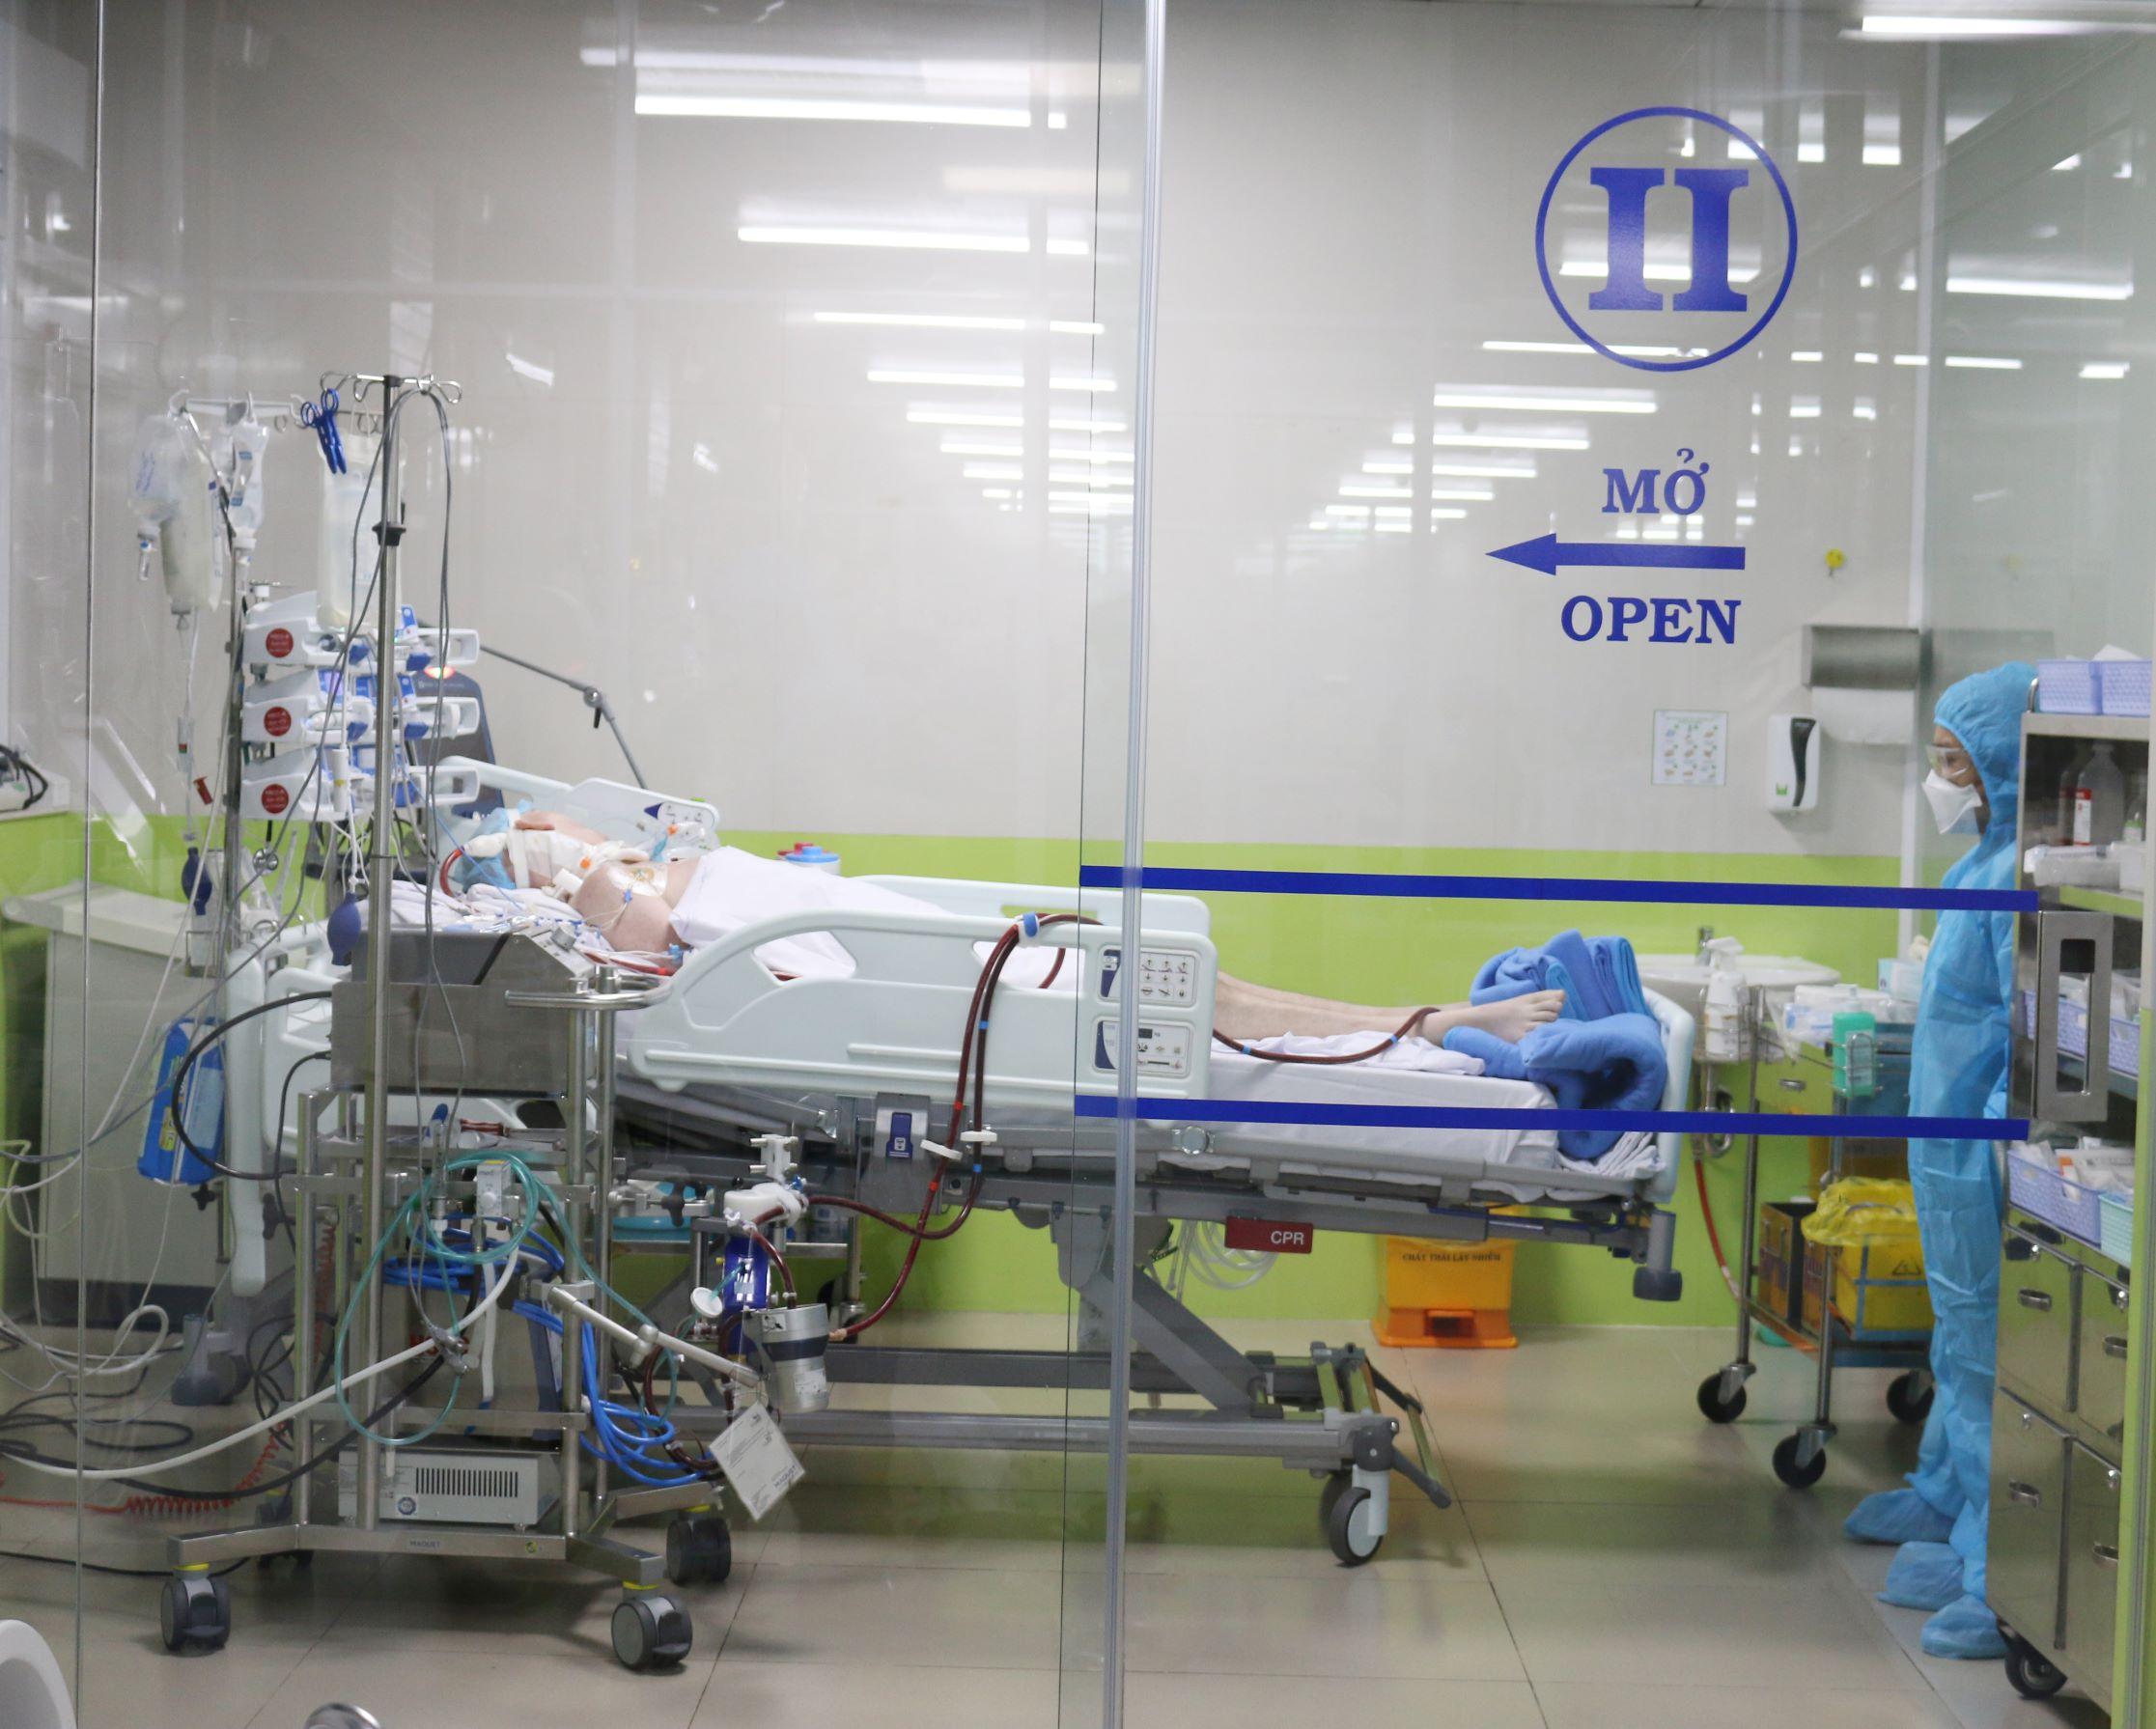 Bệnh nhân 91 chuyển sang BV Chợ Rẫy, còn 4 bệnh nhân đang điều trị tại các cơ sở y tế của TP Hồ Chí Minh